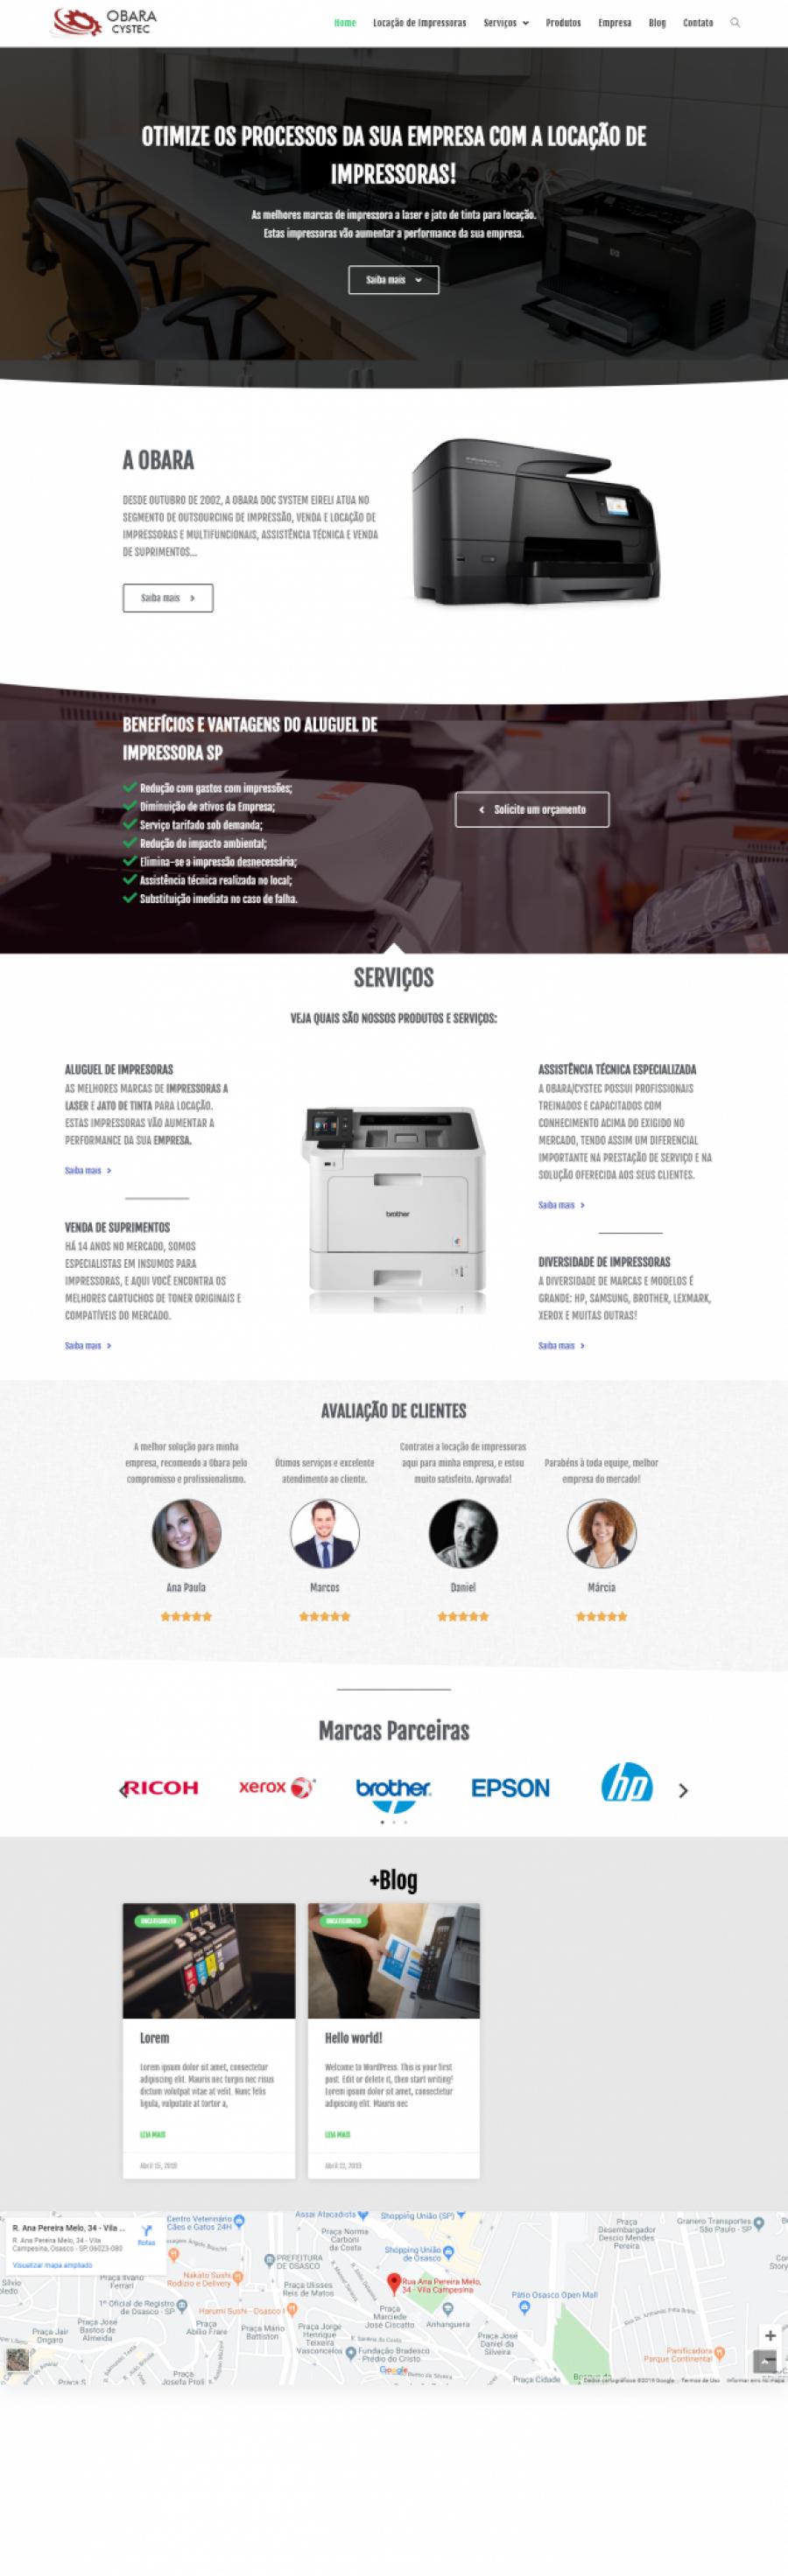 Obara – Locação de impressora em SP